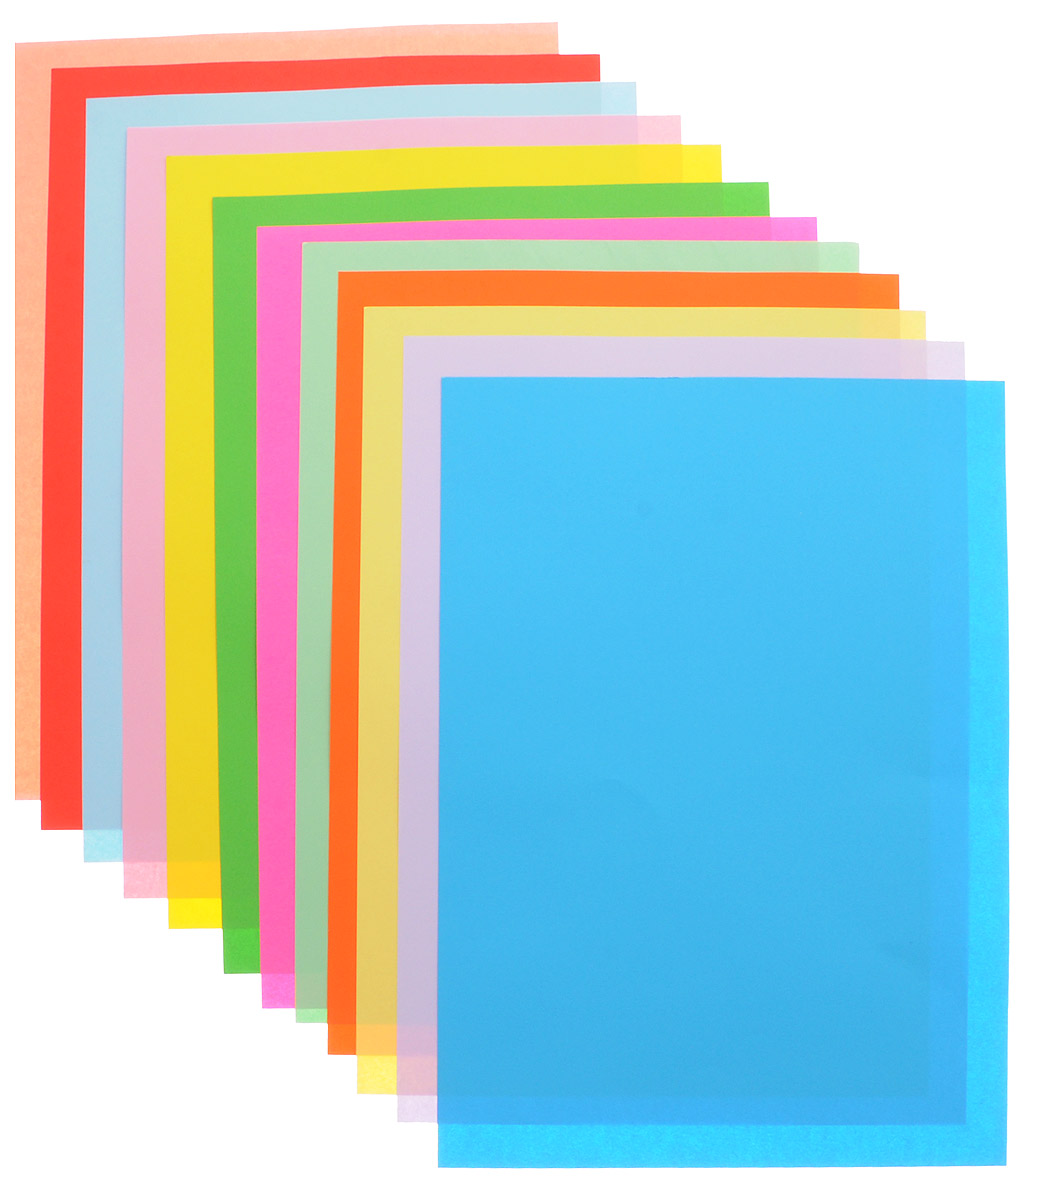 Тонированная цветная бумага Апплика Подсолнух формата А4 идеально подходит для детского творчества: создания аппликаций, оригами и многого другого.    В упаковке 12 двухсторонних листов тонированной бумаги 12 разных цветов. Детские аппликации из тонкой цветной бумаги - отличное занятие для развития творческих способностей и познавательной деятельности малыша, а также хороший способ самовыражения ребенка.    Рекомендуемый возраст: от 3 лет.